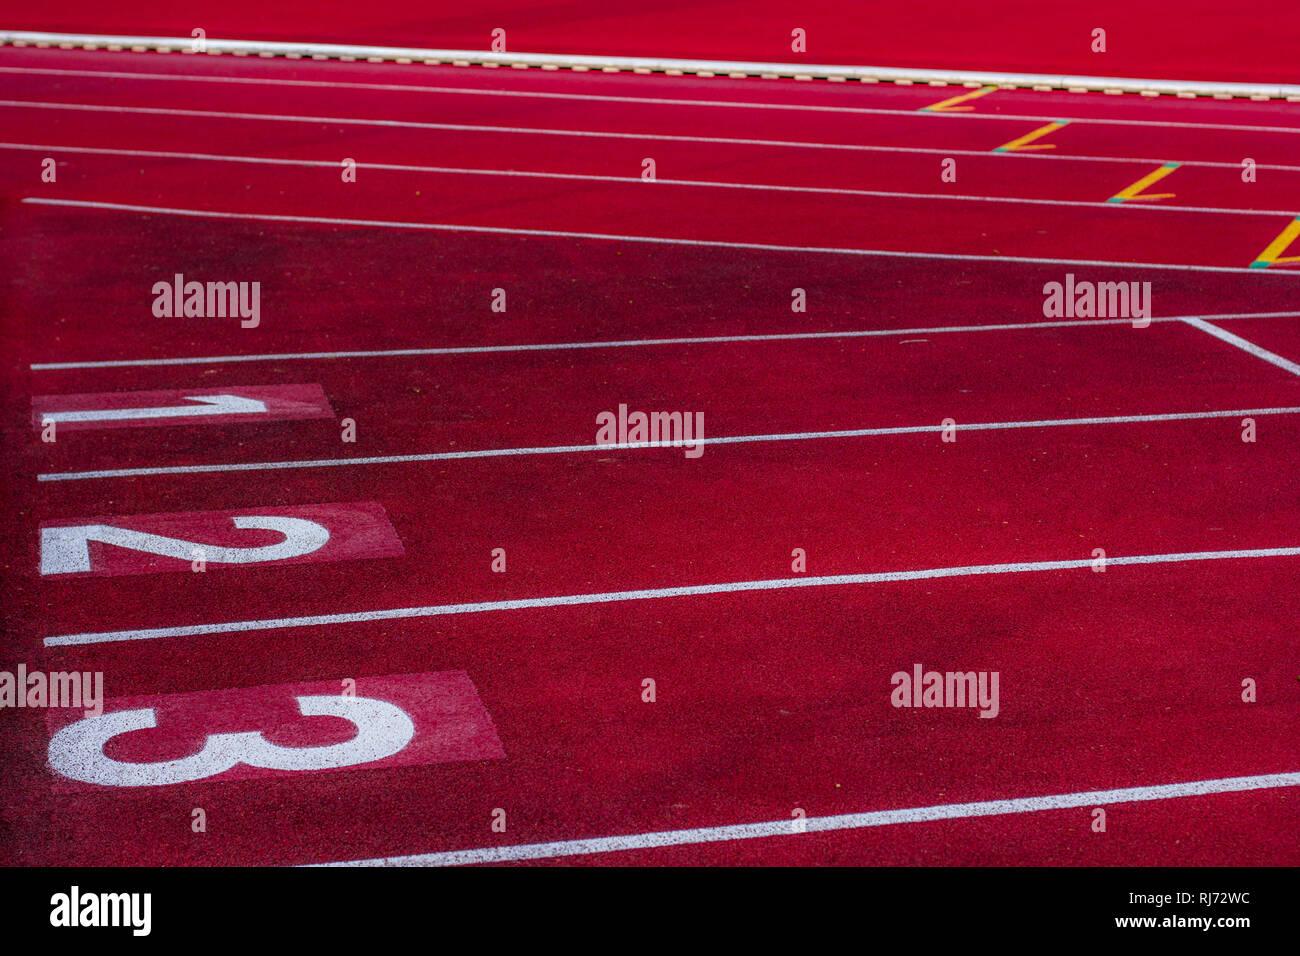 Eine Laufbahn in einem Stadion, - Stock Image